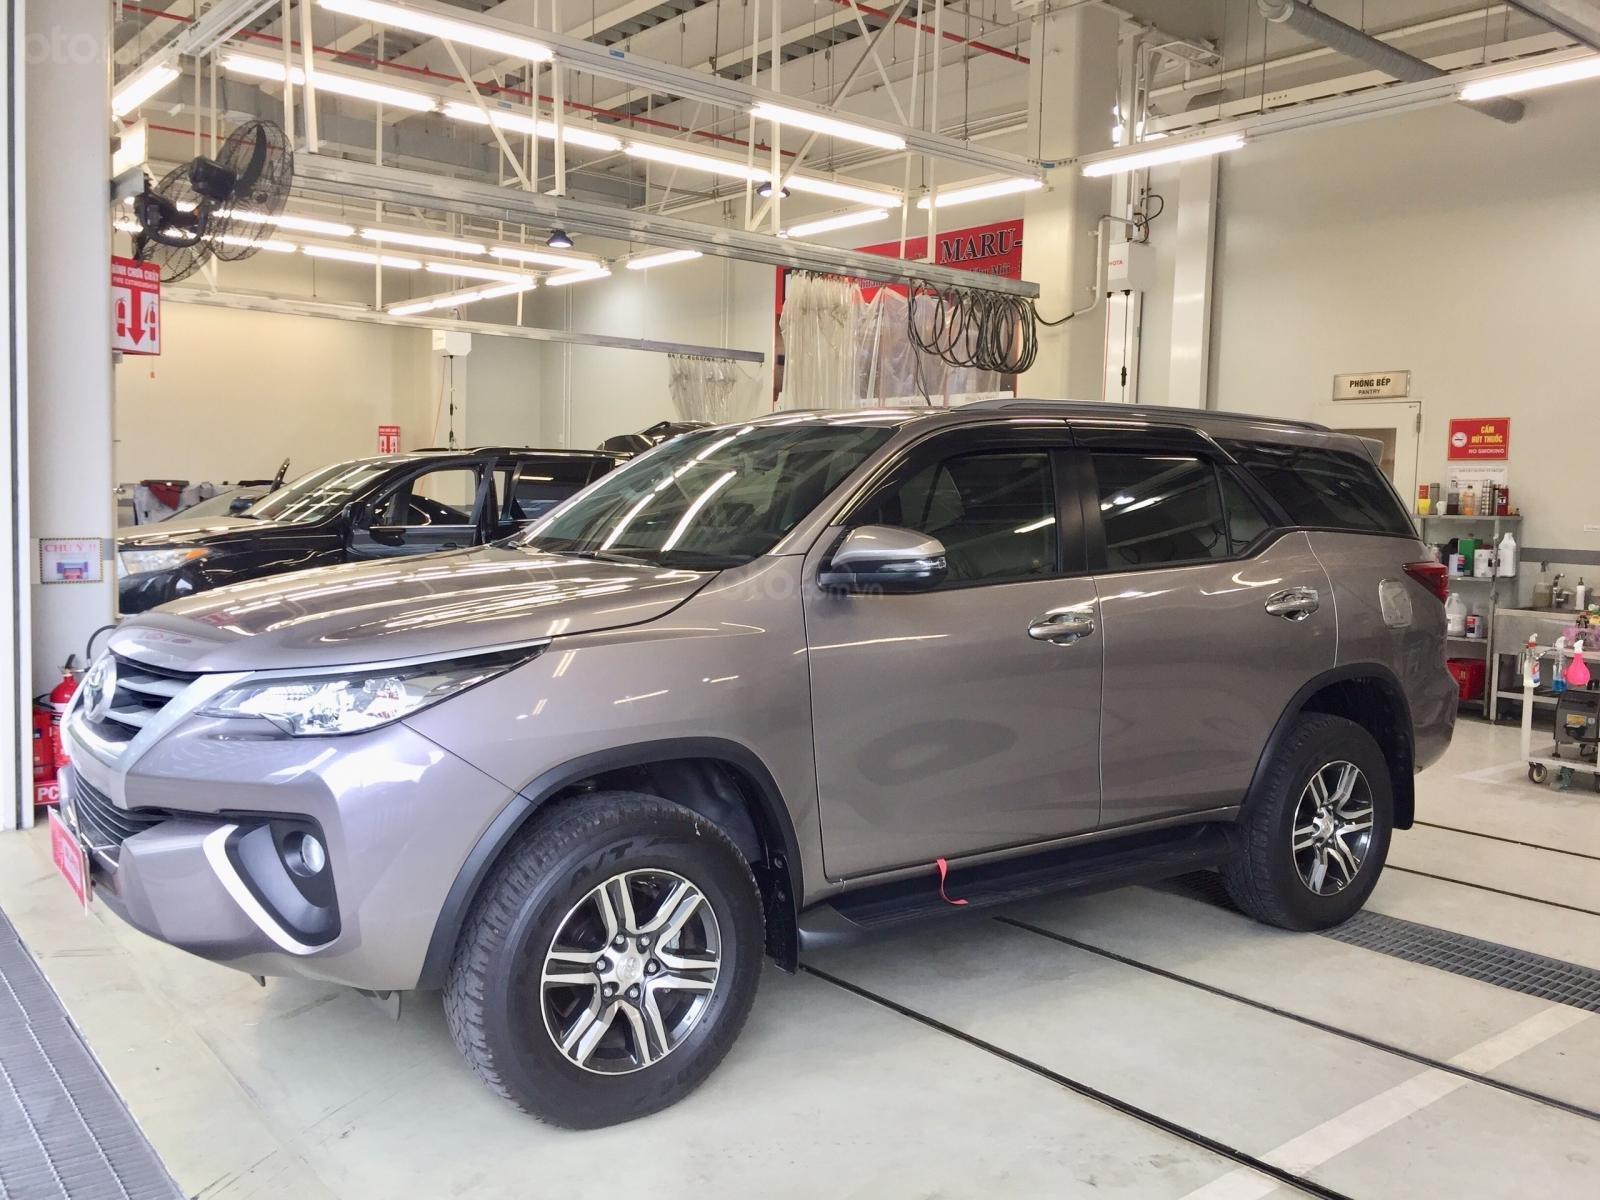 Thanh lý xe Toyota Fortuner 2.4G MT 2019, màu đồng, xe đi được đi 8.700km - xe chất giá tốt (3)